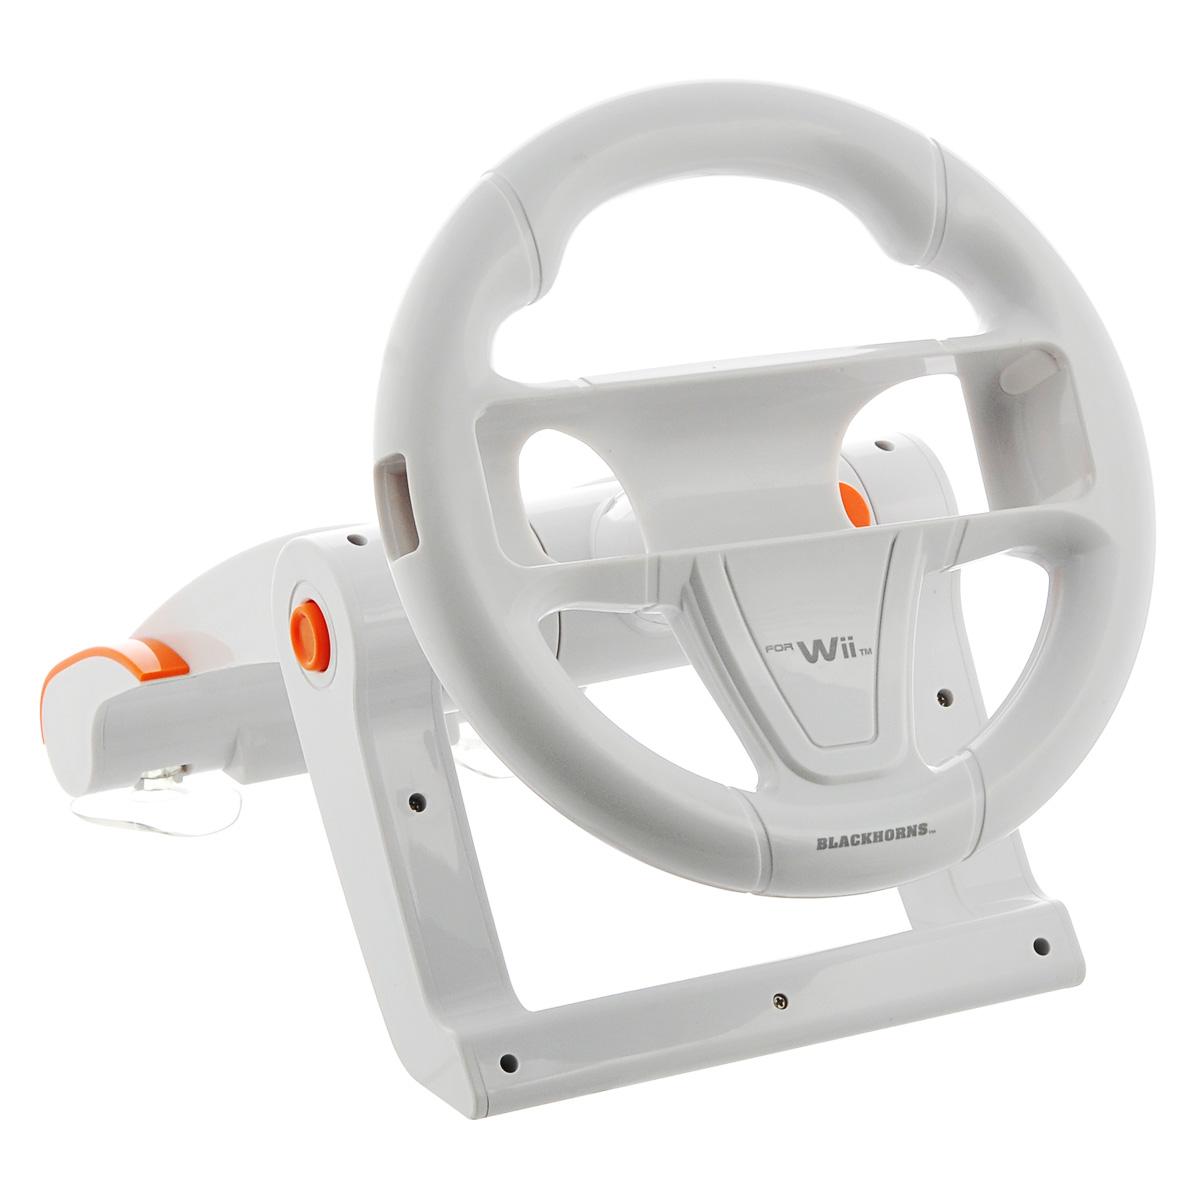 Black Horns Top Speed Racer руль складной для приставки WiiBH-Wii10901Складной руль Black Horns Top Speed Racer для приставки Wii - отличное решение для гонок и авиасимуляторов. C помощью данного аксессуара ваш джойстик превратится в настольный руль. Получите новые ощущения от гоночных игр. Надежное крепление позволяет зафиксировать руль в заданном положении. Руль может быть использован отдельно от подставки, легок в установке. Вы получите большое удовольствие, играя с данным аксессуаром. Играйте в гонки с ощущением реальности.